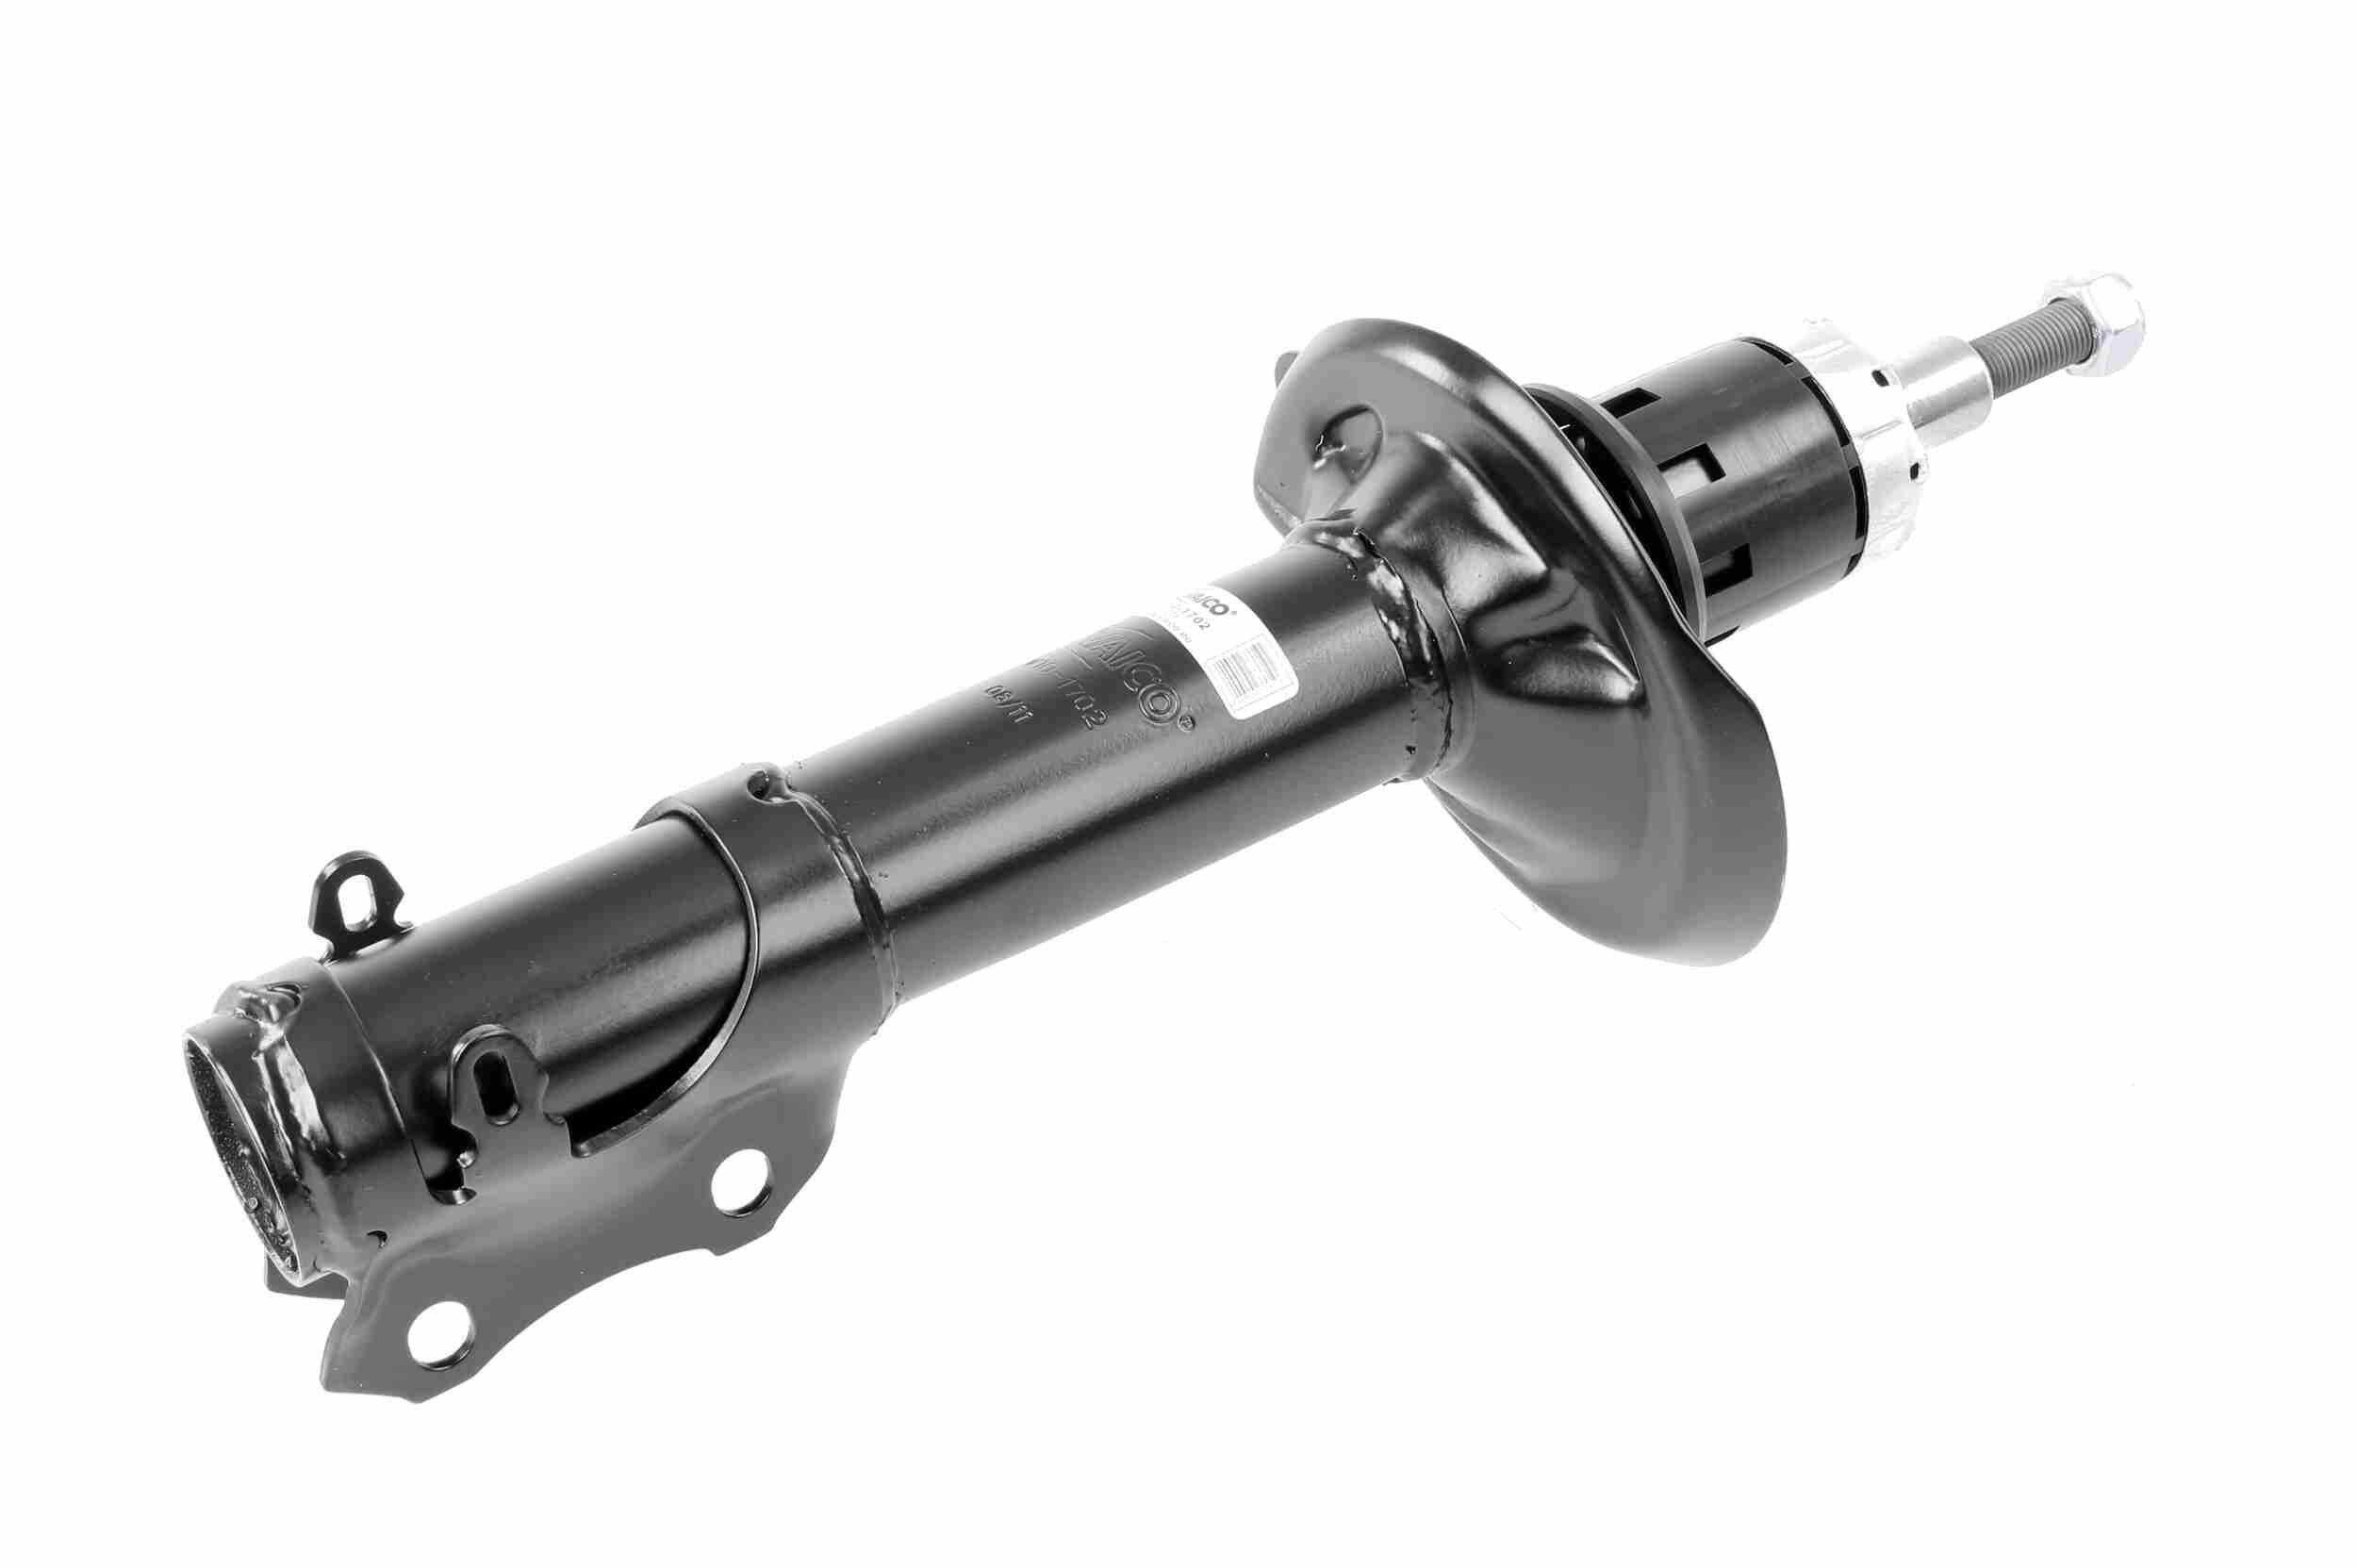 Купете V10-1702 VAICO предна ос, маслен, CST99, макферсън, отгоре щифт, скоба отдолу Амортисьор V10-1702 евтино